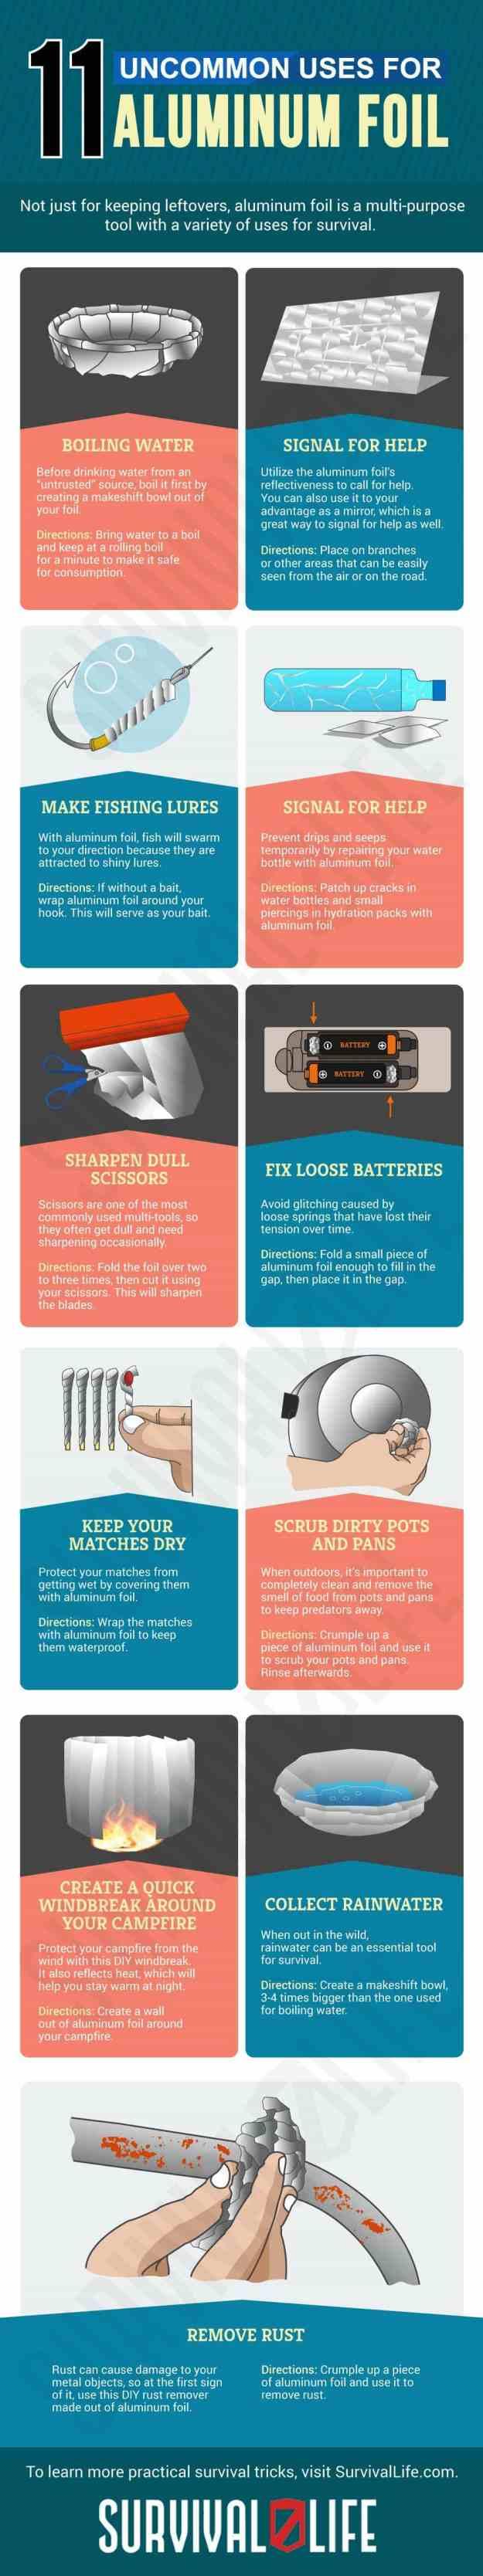 Infographic | Uncommon Aluminum Foil Survival Uses